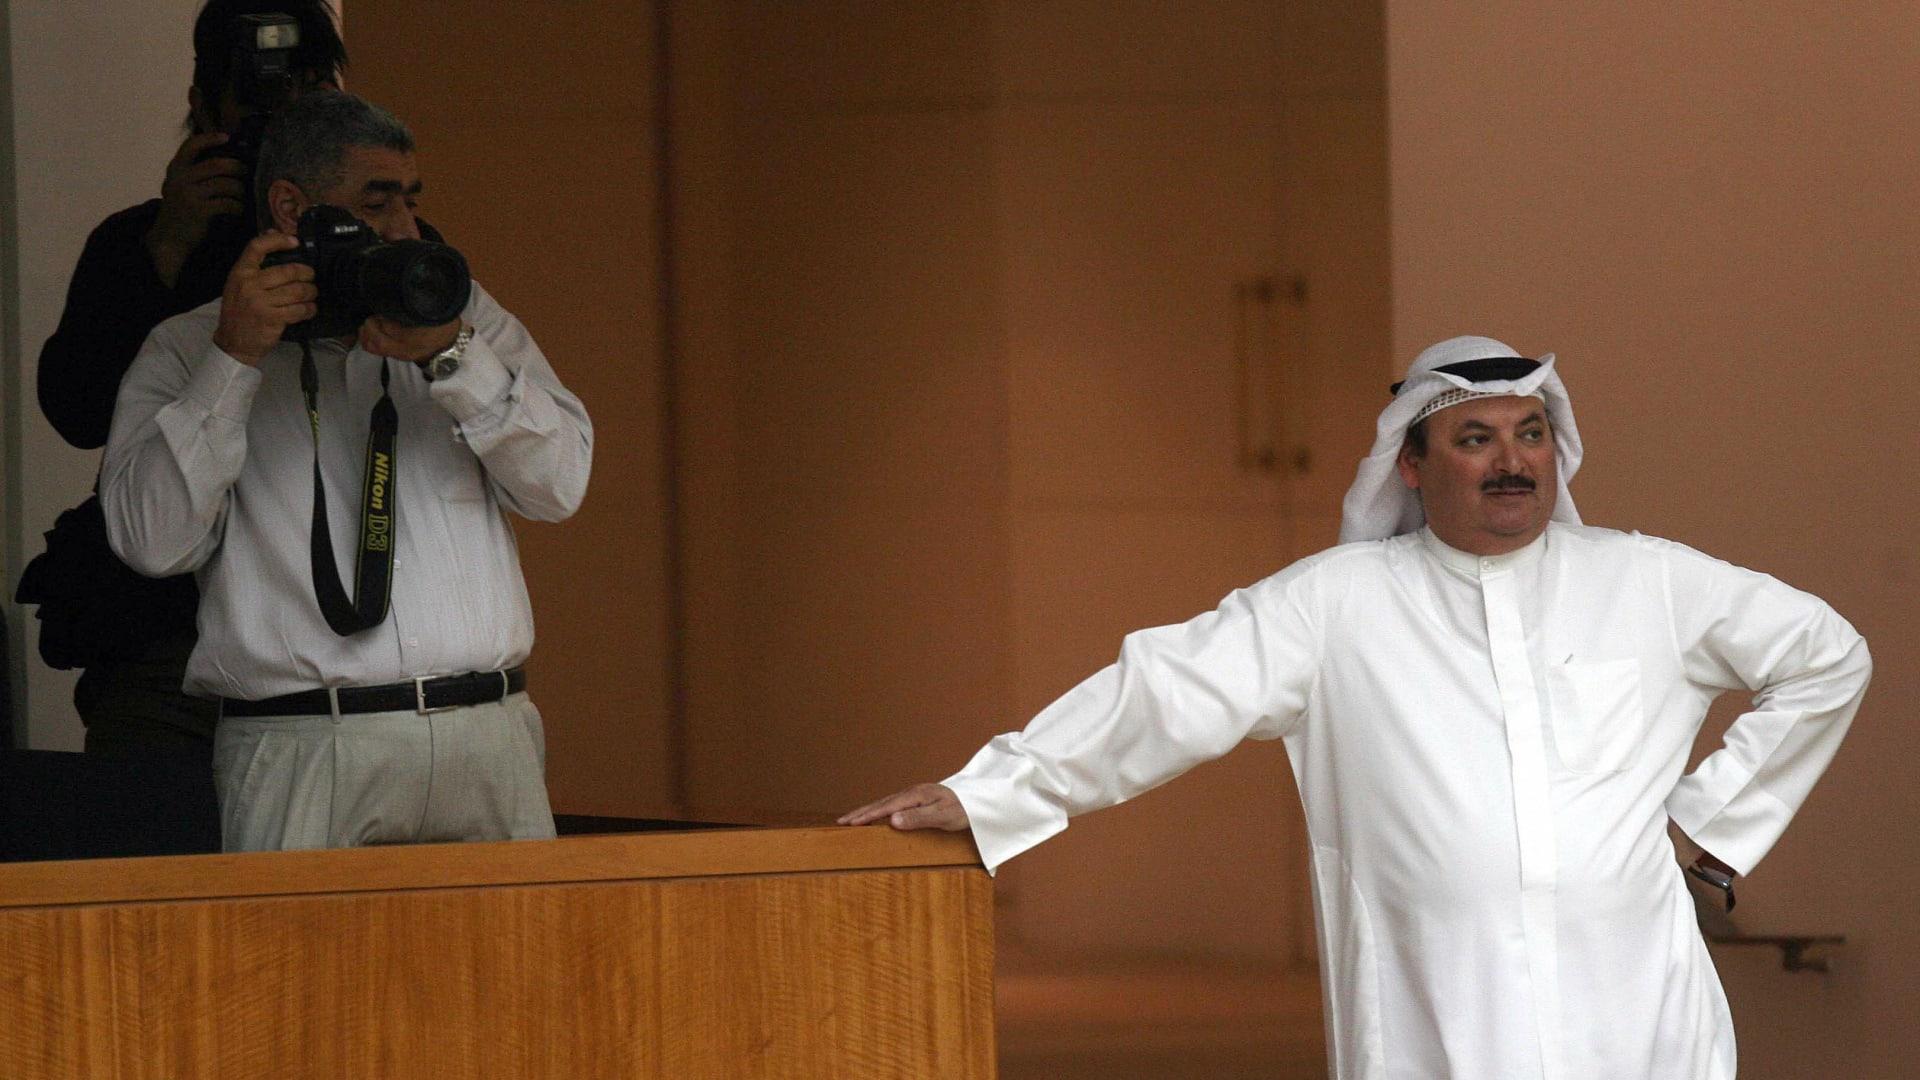 صورة أرشيفية لناصر الدويلة في مجلس الأمة الكويتي عام 2008 حينما كان نائبا